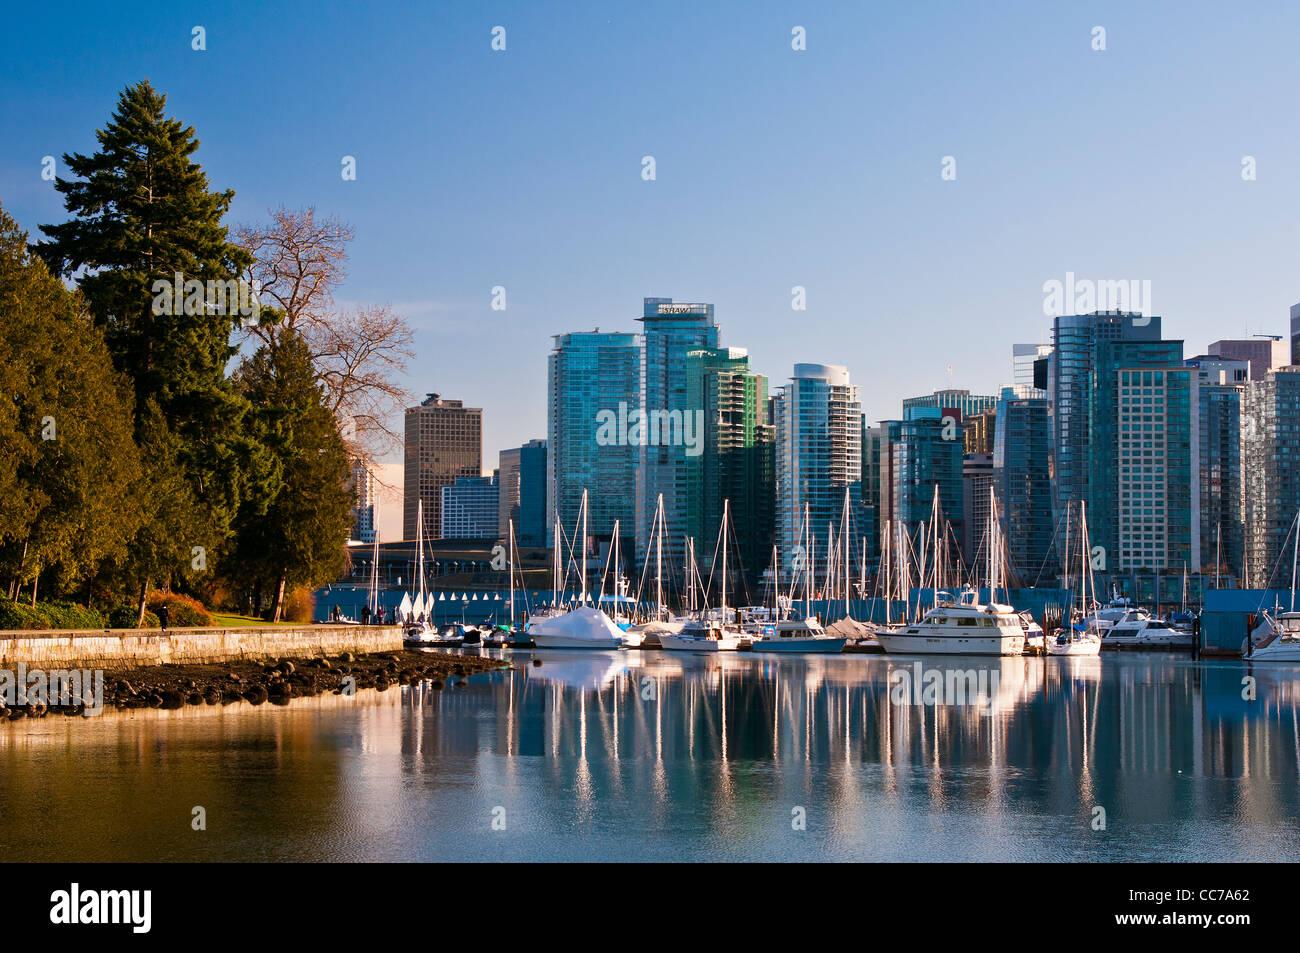 Vista panorámica sobre el centro de la ciudad y del Puerto Deportivo, de Vancouver, British Columbia, Canadá Imagen De Stock